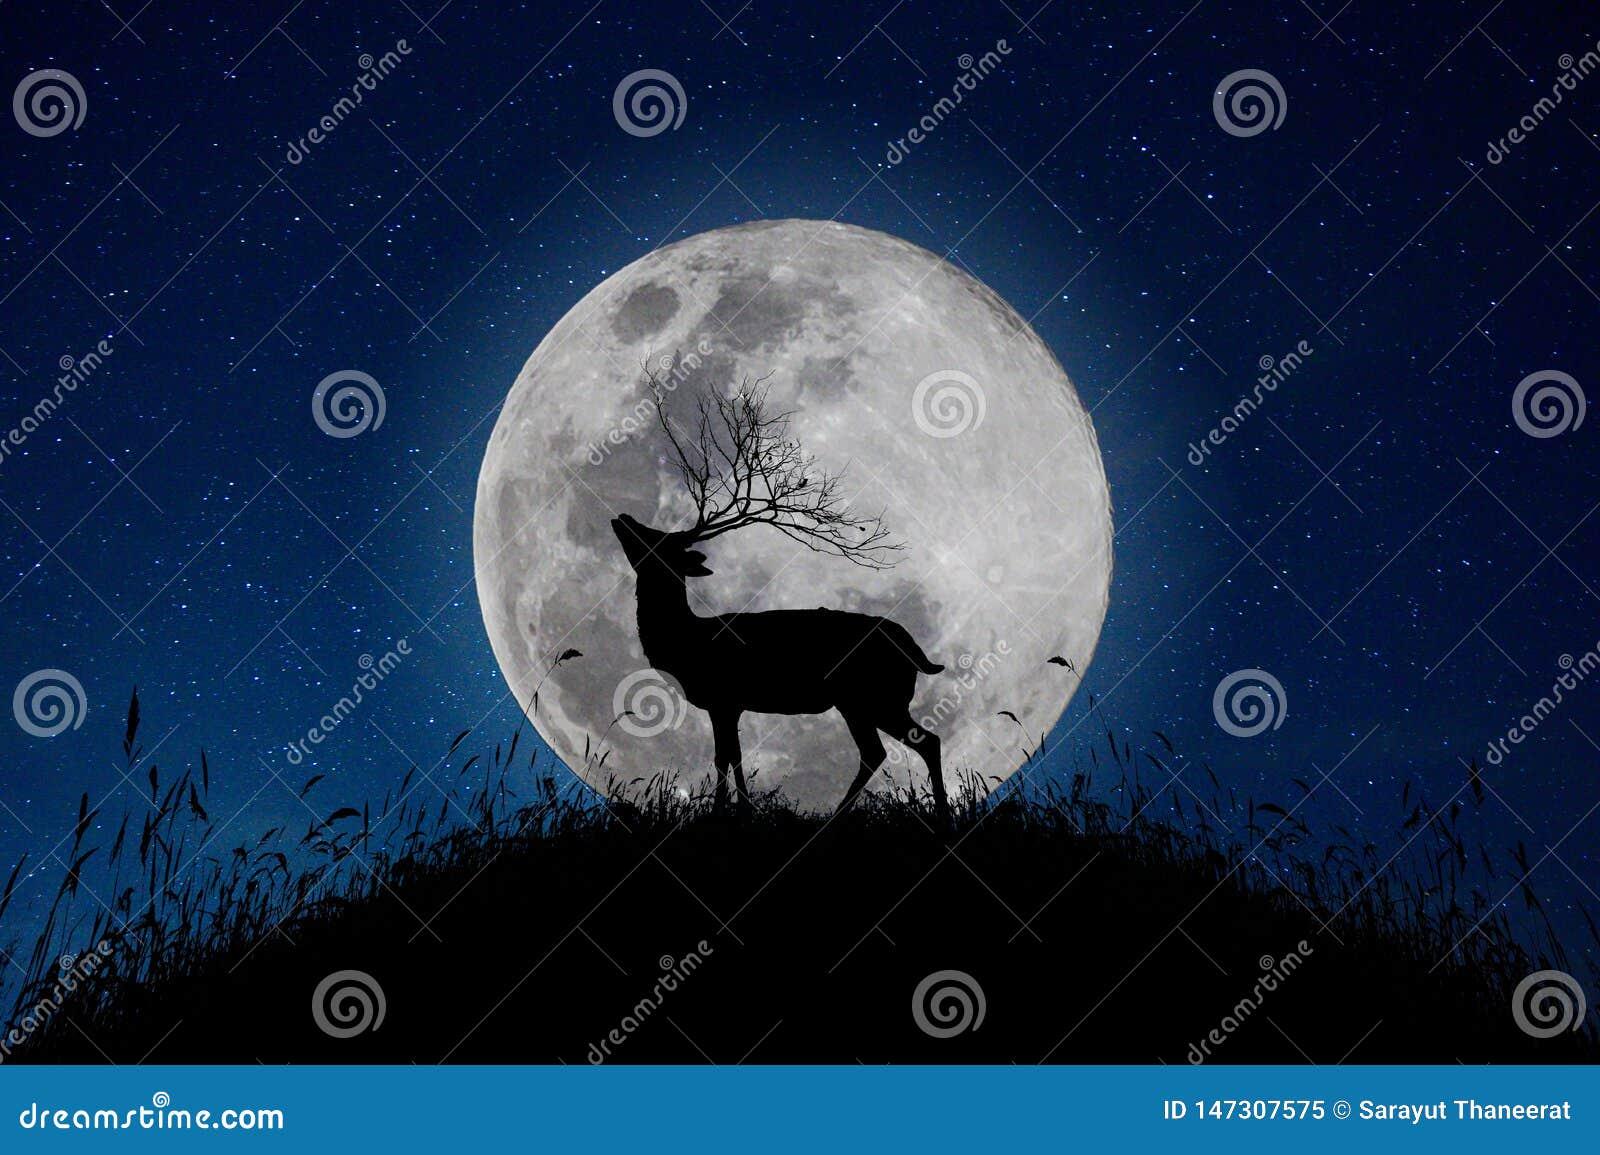 Das Rotwild steht auf dem Berg einen großen Mondhintergrund in der Nacht, dass die Sterne vom Himmel voll sind